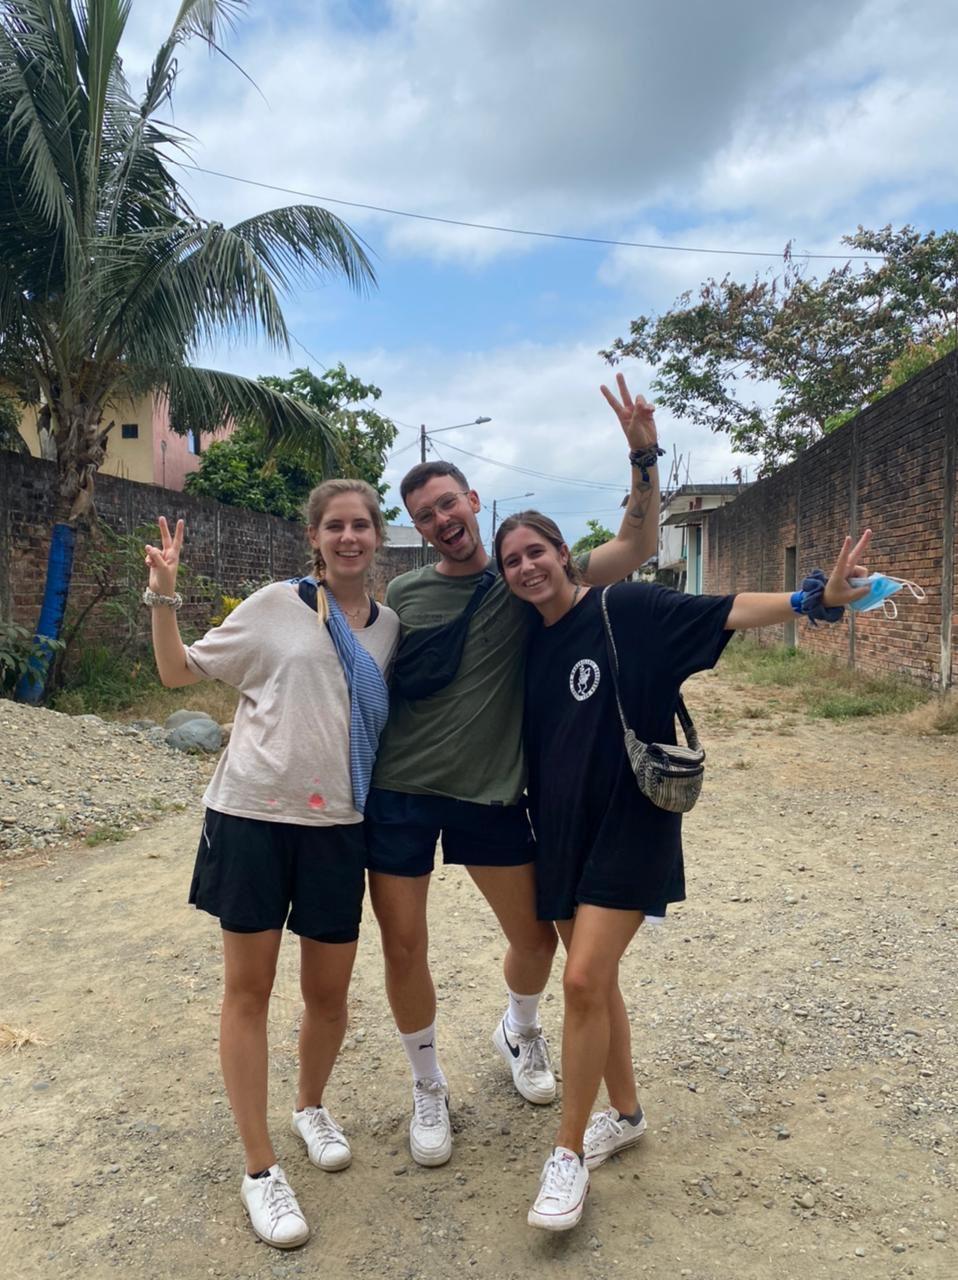 Nuevo grupo inicia su experiencia de voluntariado internacional con Huauquipura